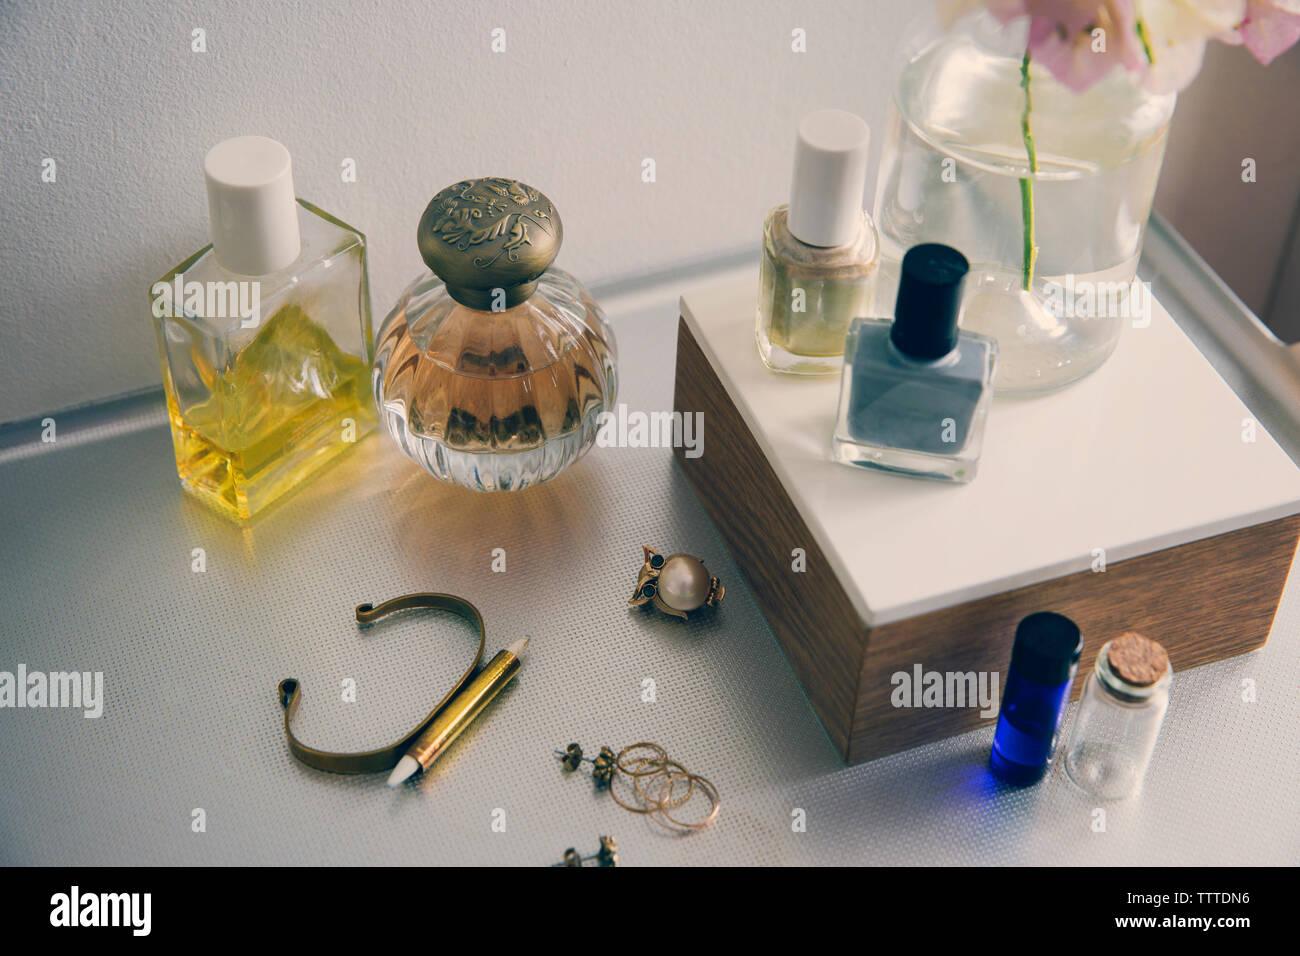 Un alto ángulo de visualización de productos de belleza con joyas en la mesa Foto de stock